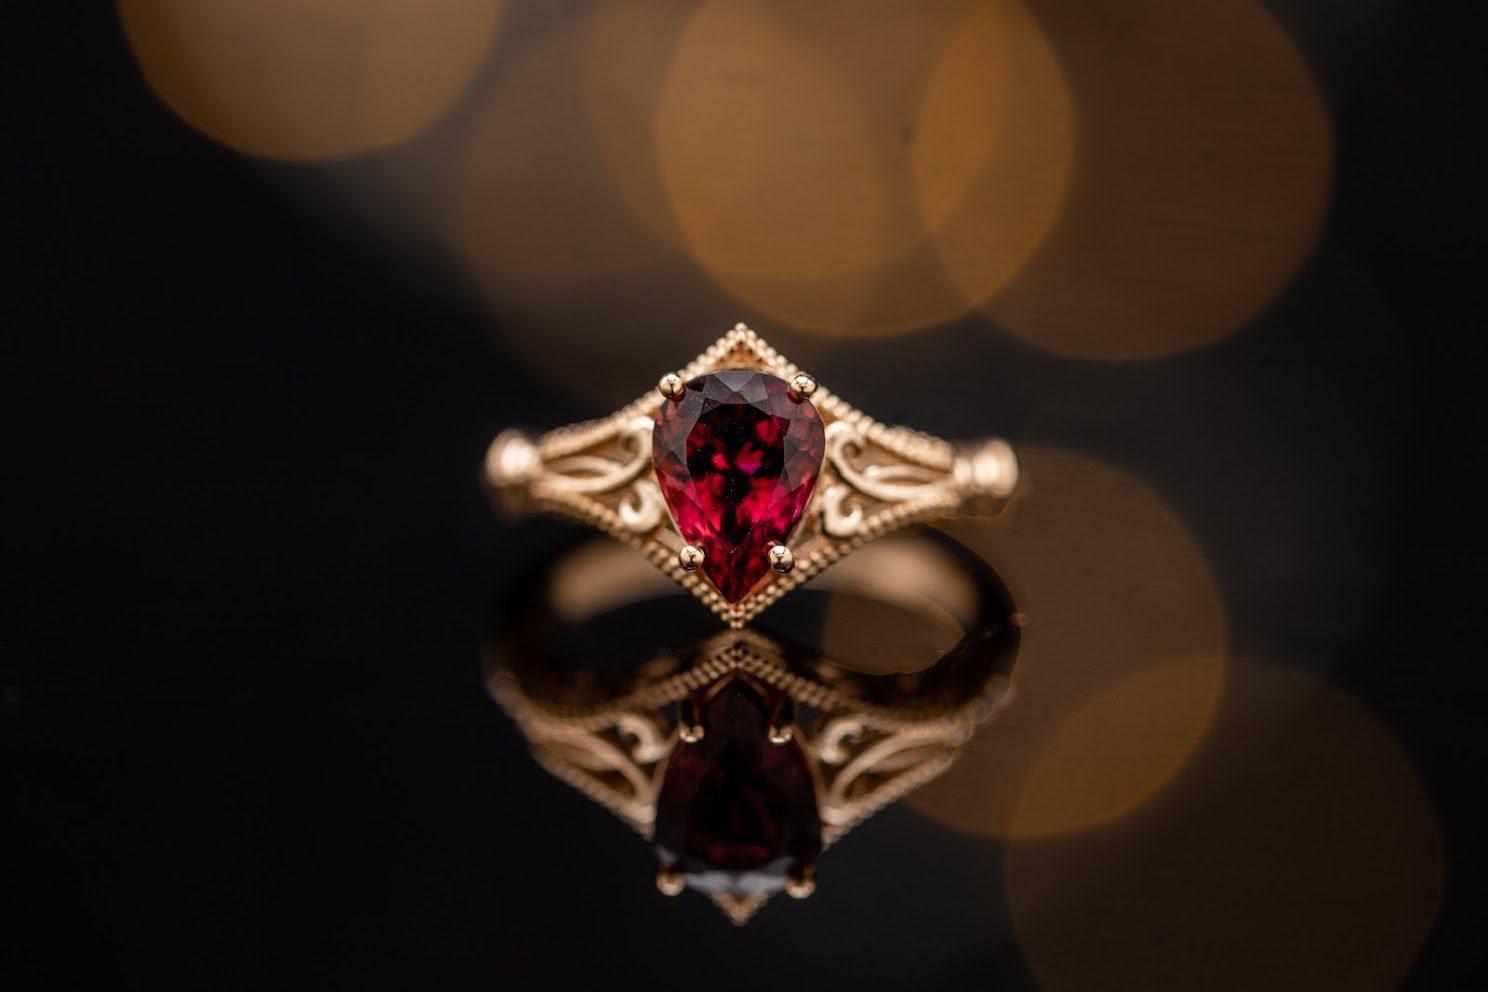 edwardian influence - engagement ring setting